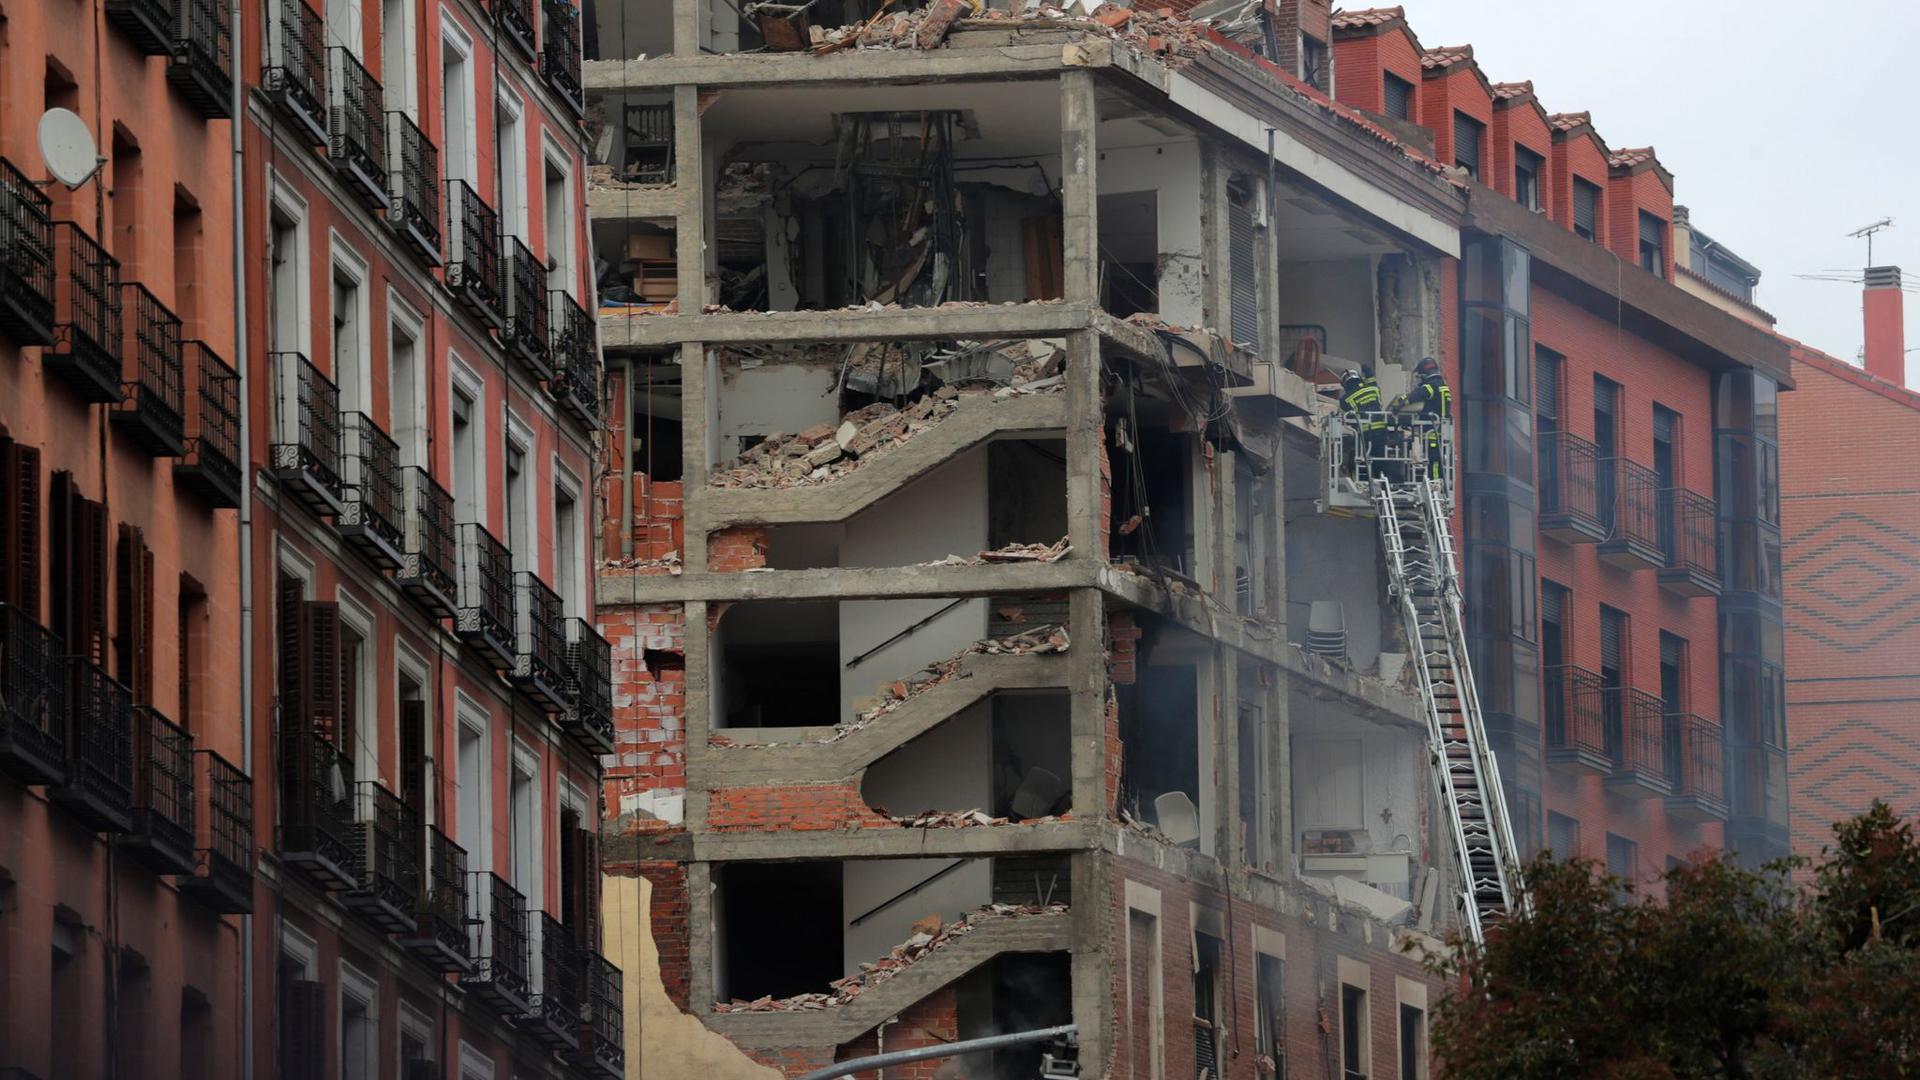 Feuerwehrleute arbeiten nach der schweren Explosion an dem beschädigten Gebäude in Madrids Toledo Straße.